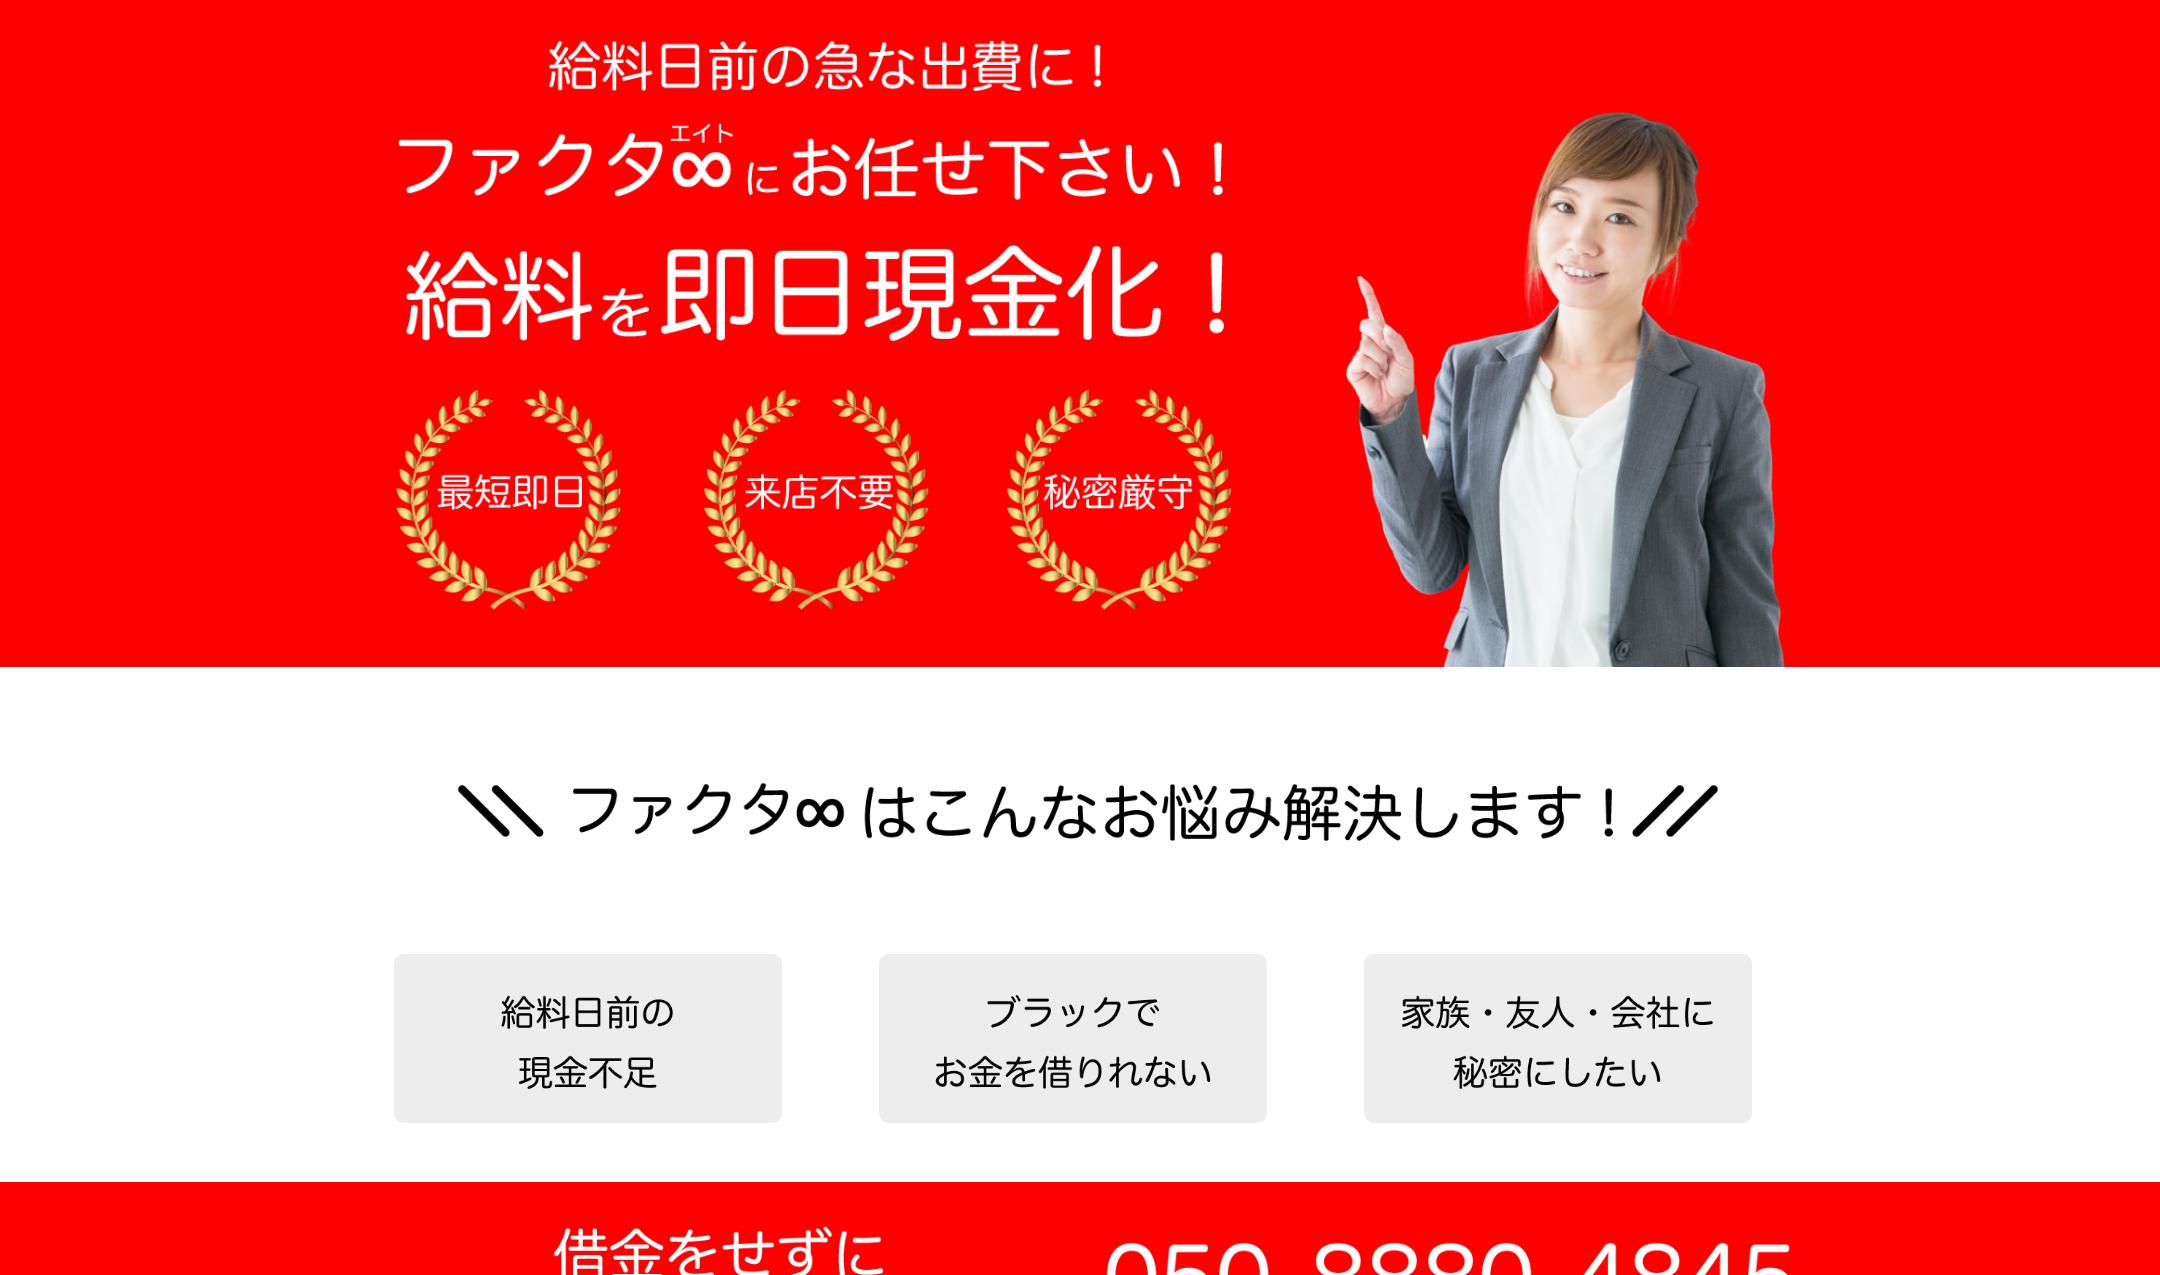 【口コミ・評判】ファクタエイト【給料ファクタリング業者】